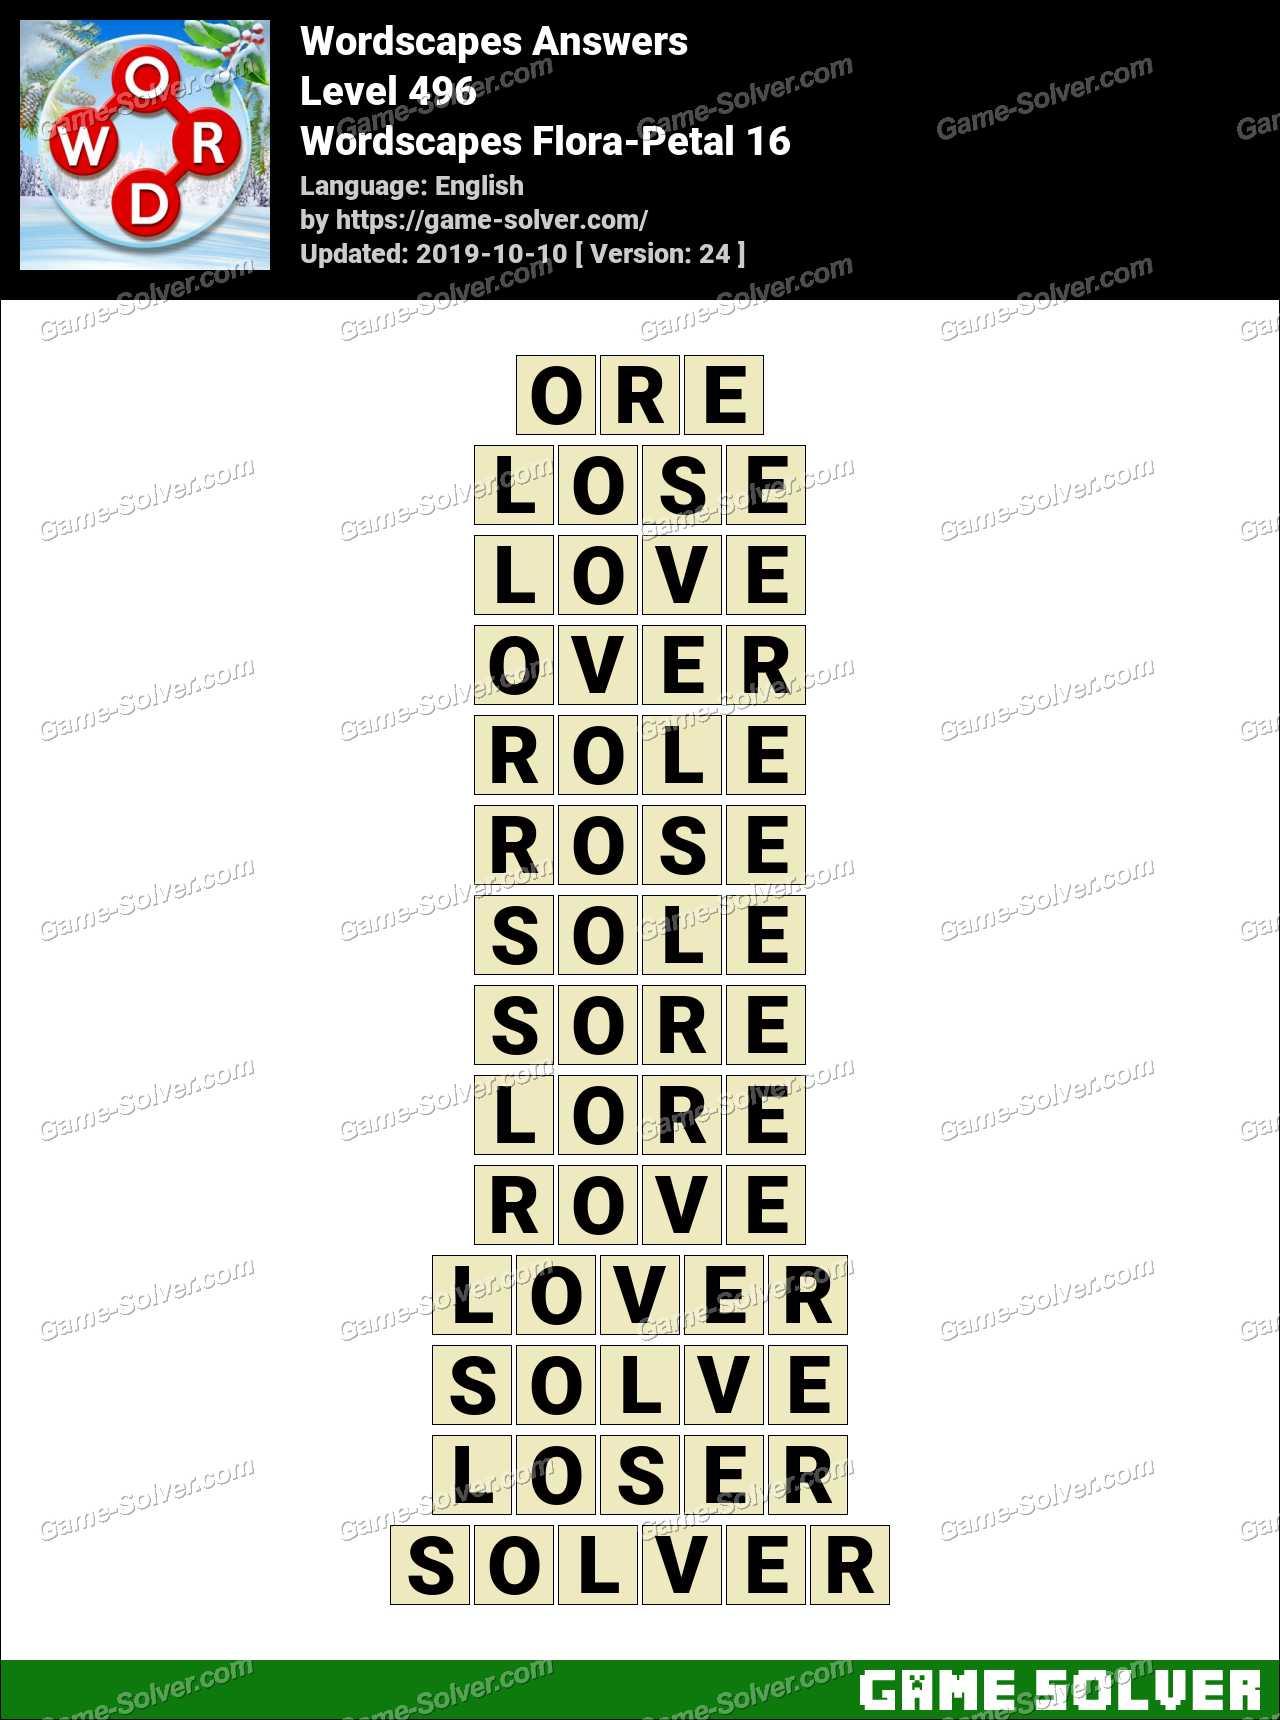 Wordscapes Flora-Petal 16 Answers